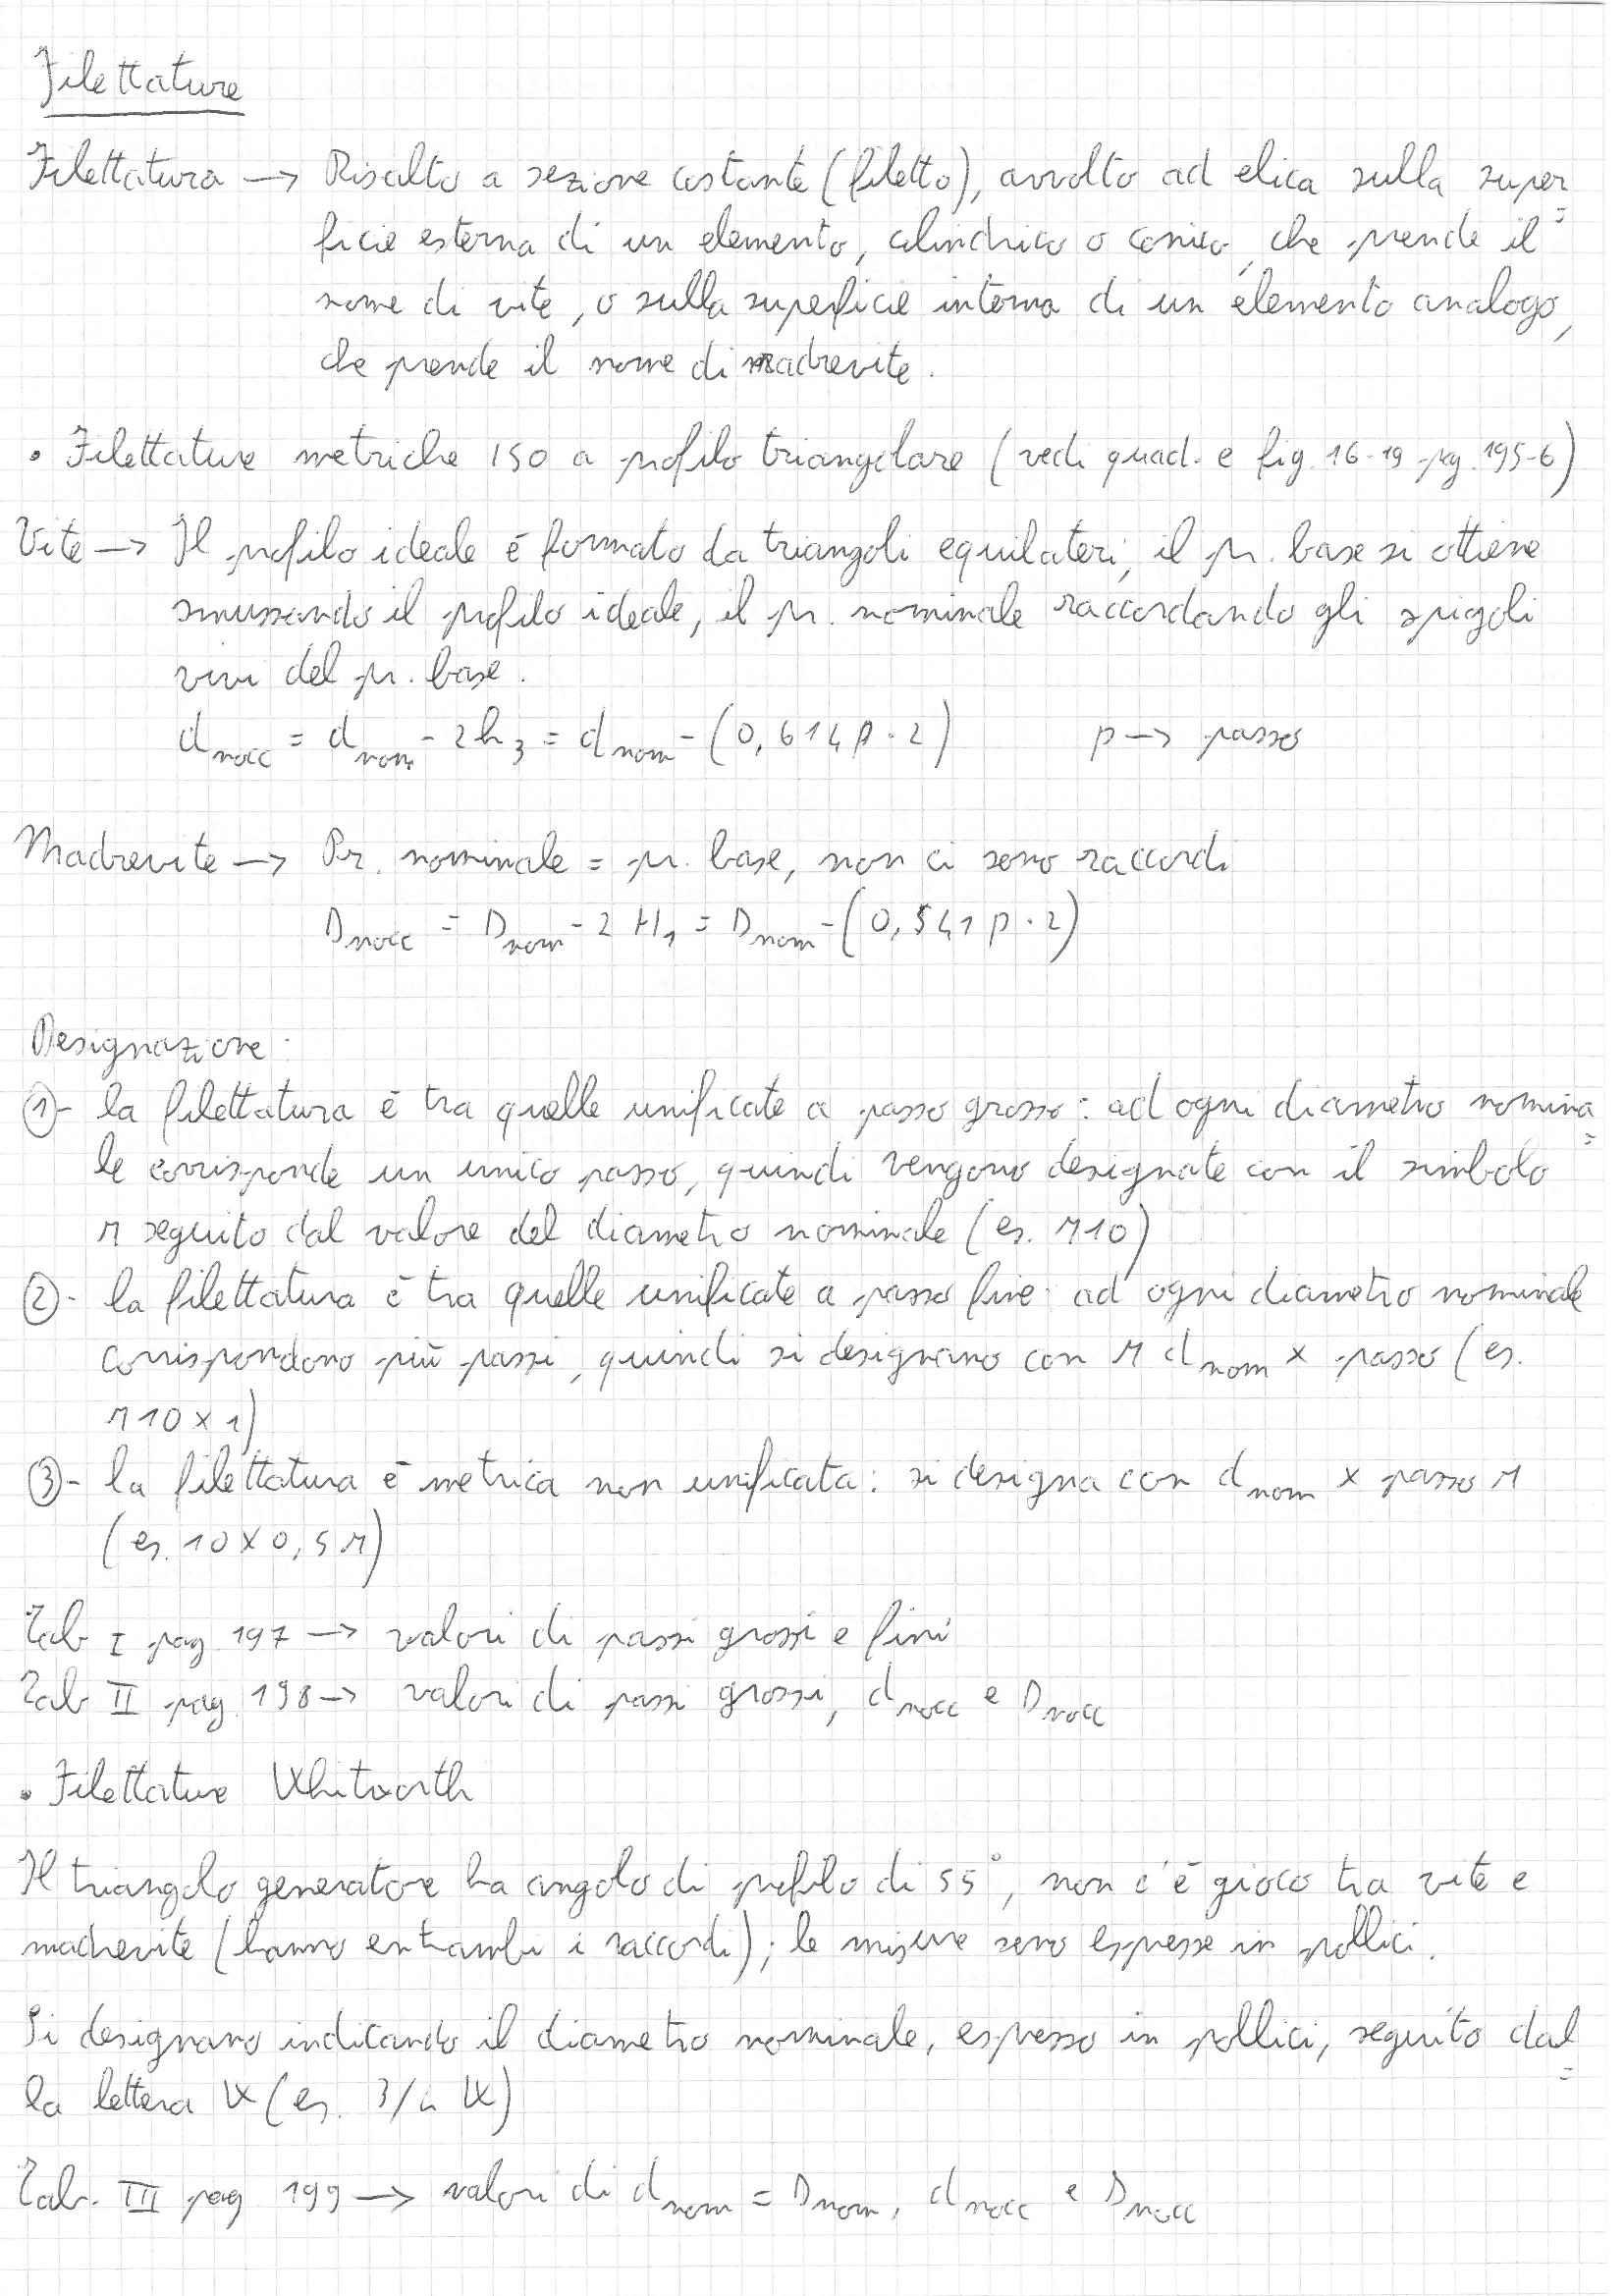 Disegno tecnico industriale - Appunti Pag. 6